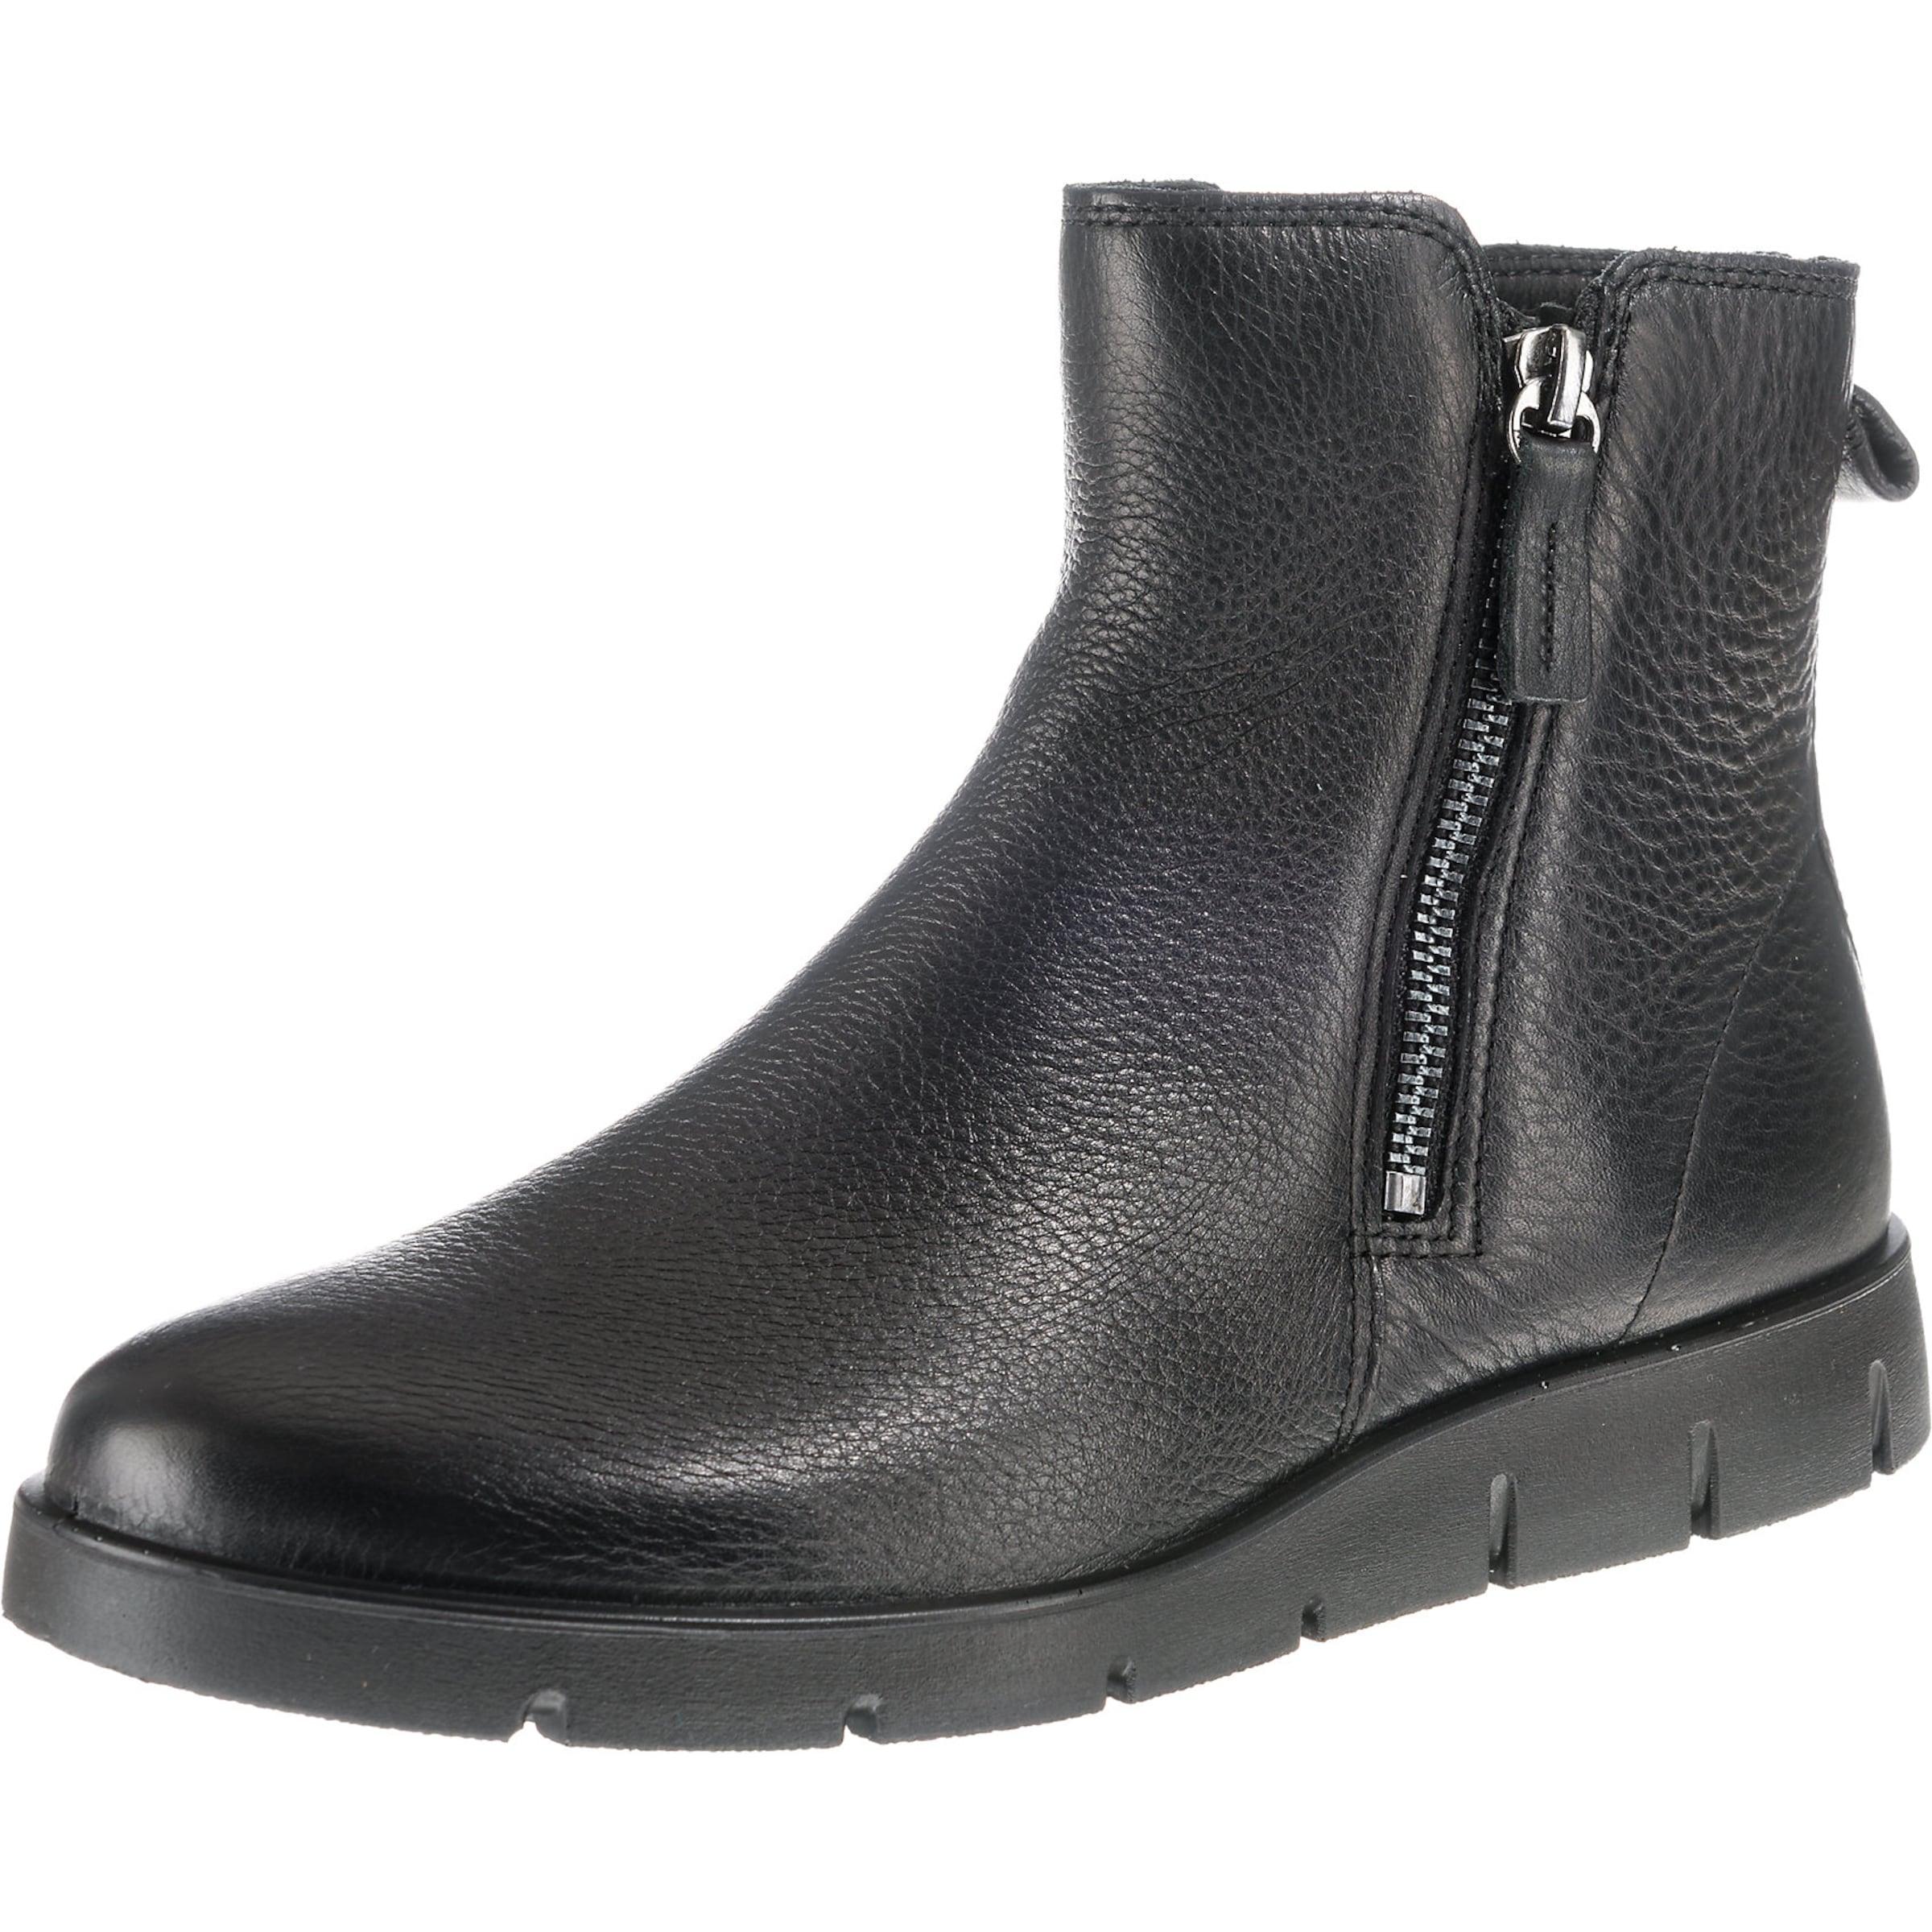 ECCO ECCO ECCO   Boots  Shape M 15 b370e3